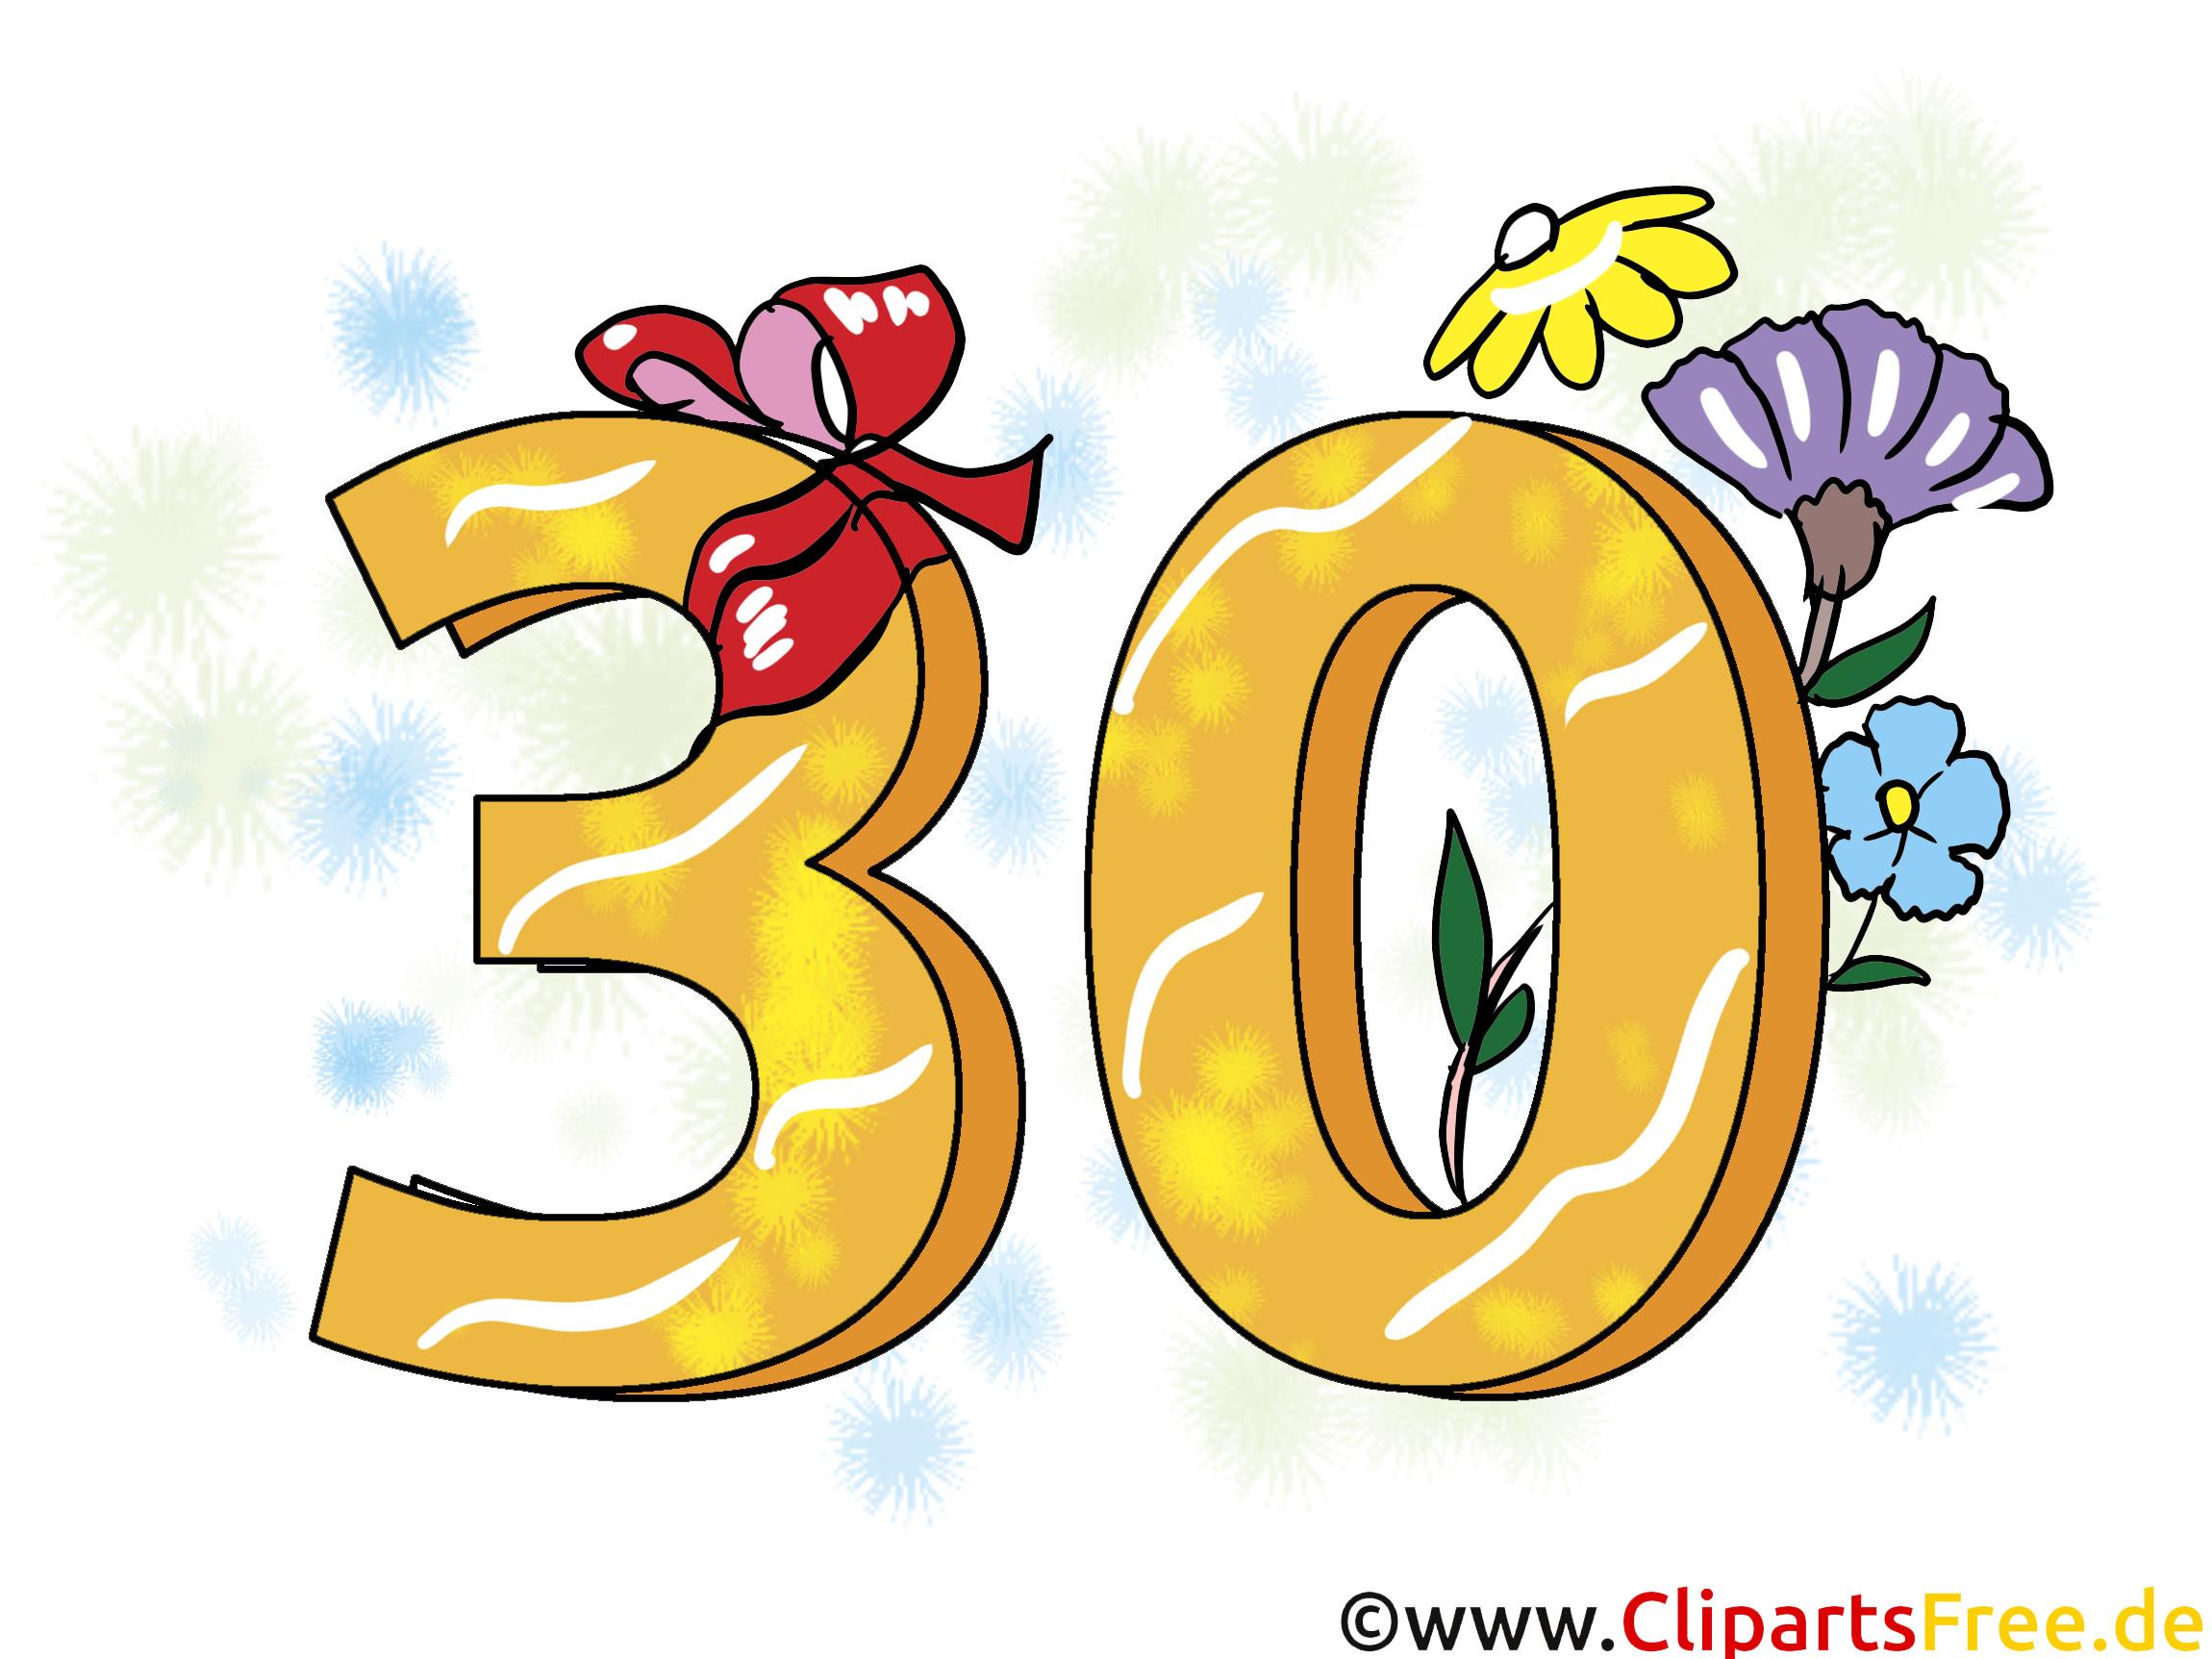 Geburtstagssprüche Zum 30.  Geburtstagssprüche 30 Jahre Clipart Grusskarte